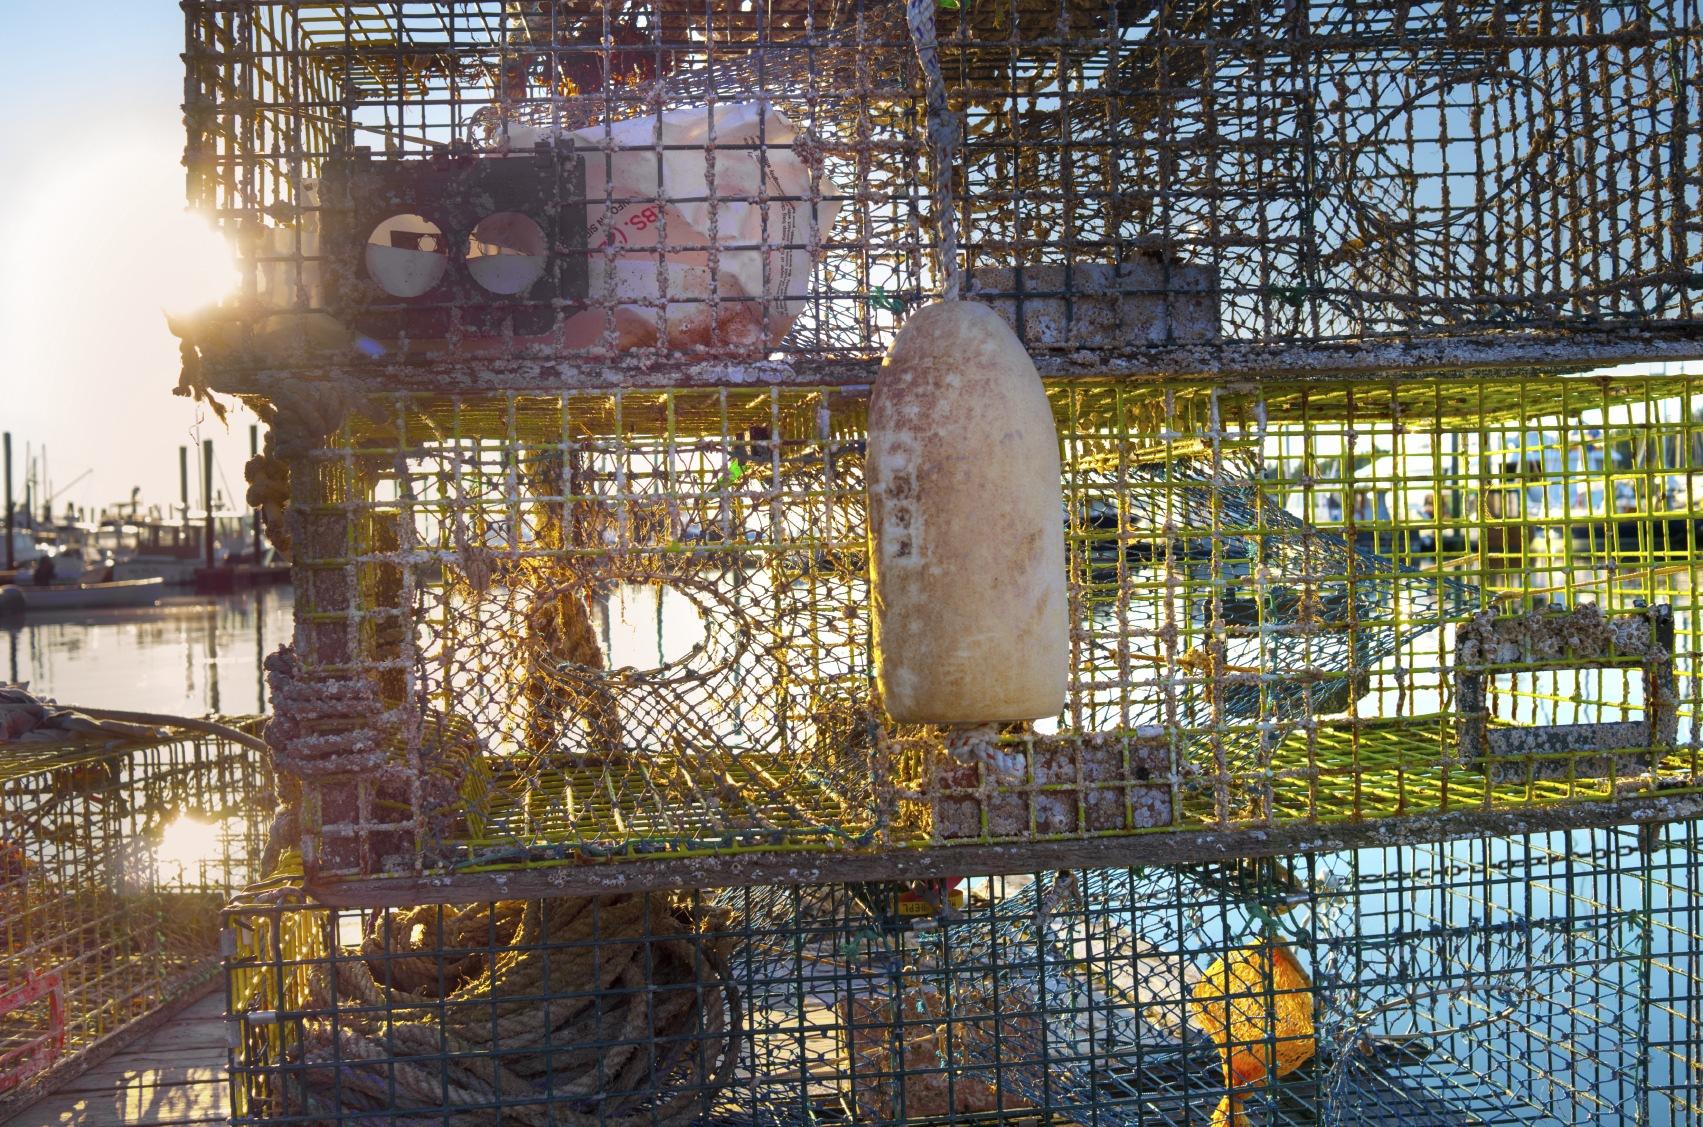 Lobster traps on dock at sunrise. image: michael krinke